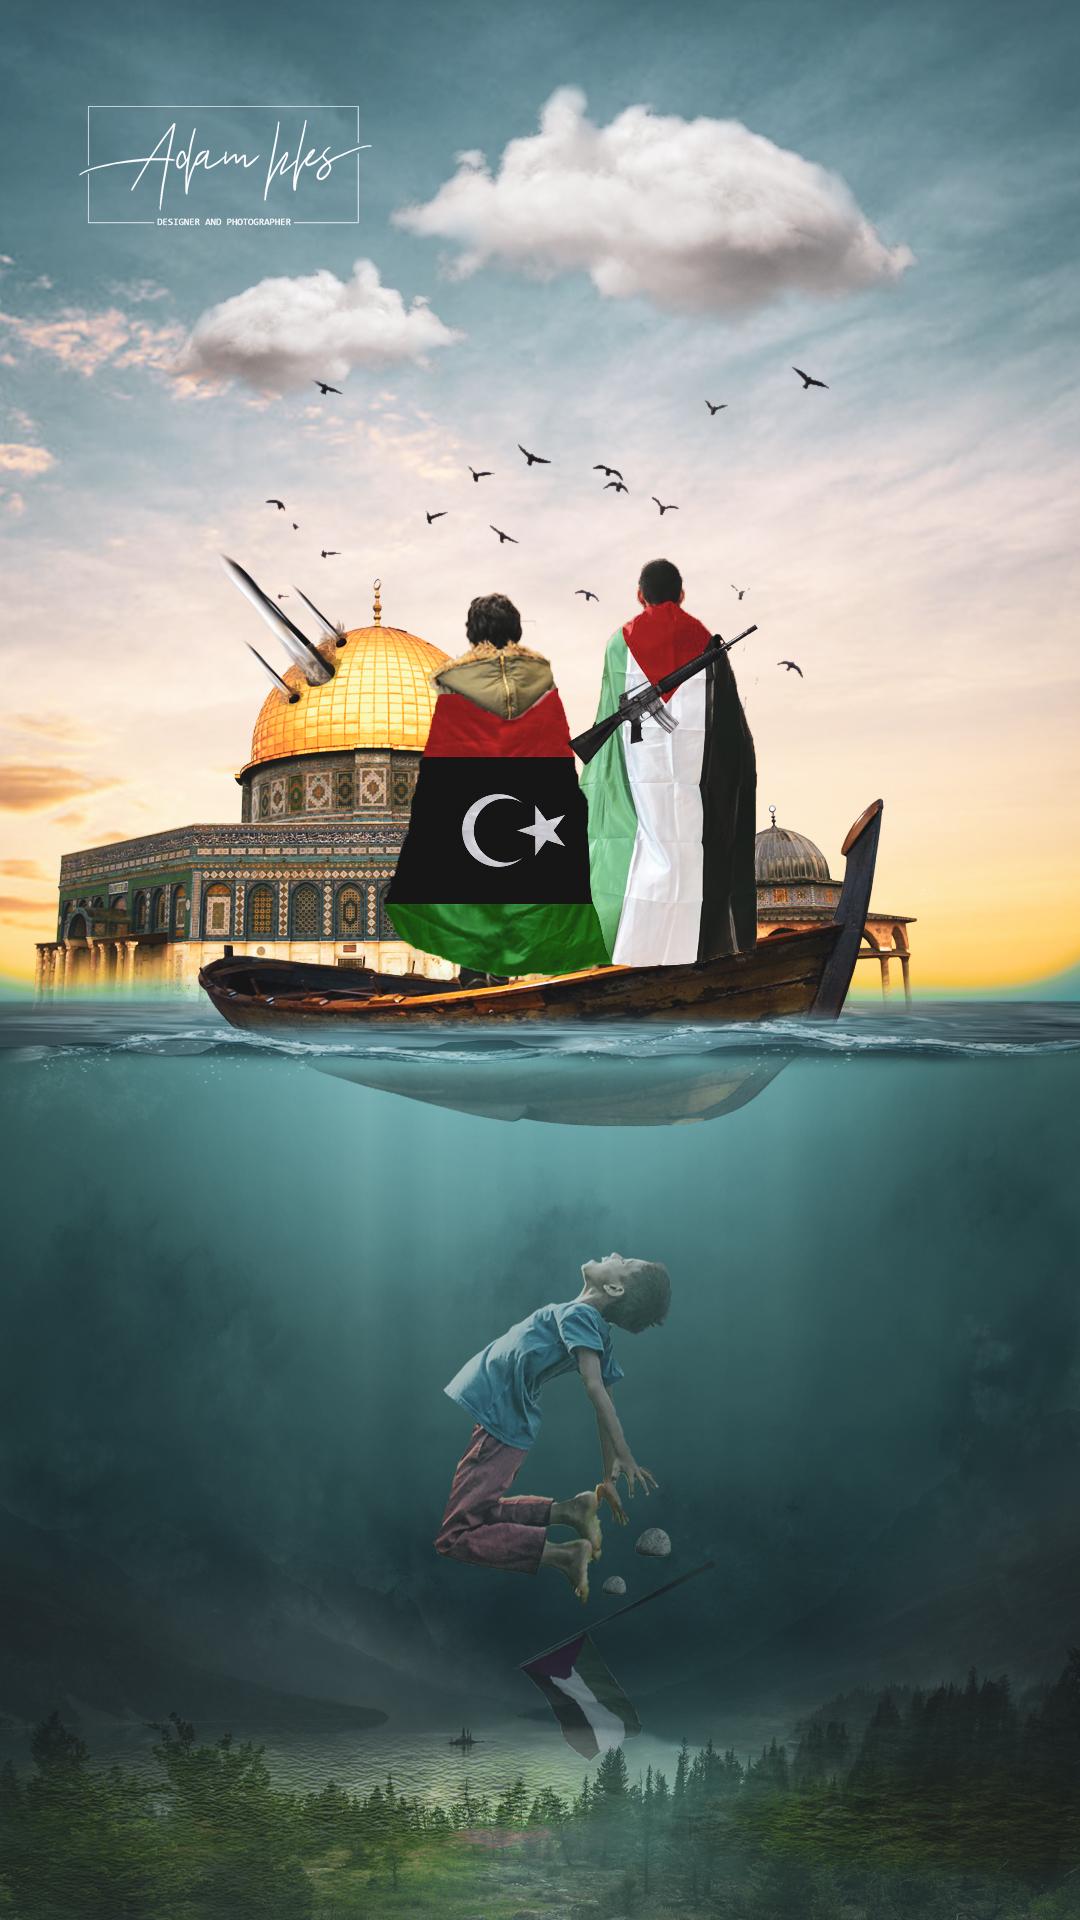 اجمل خلفية تصامن مع فلسطين علم ليبيا وعلم فلسطين Flag Libya and Palestine